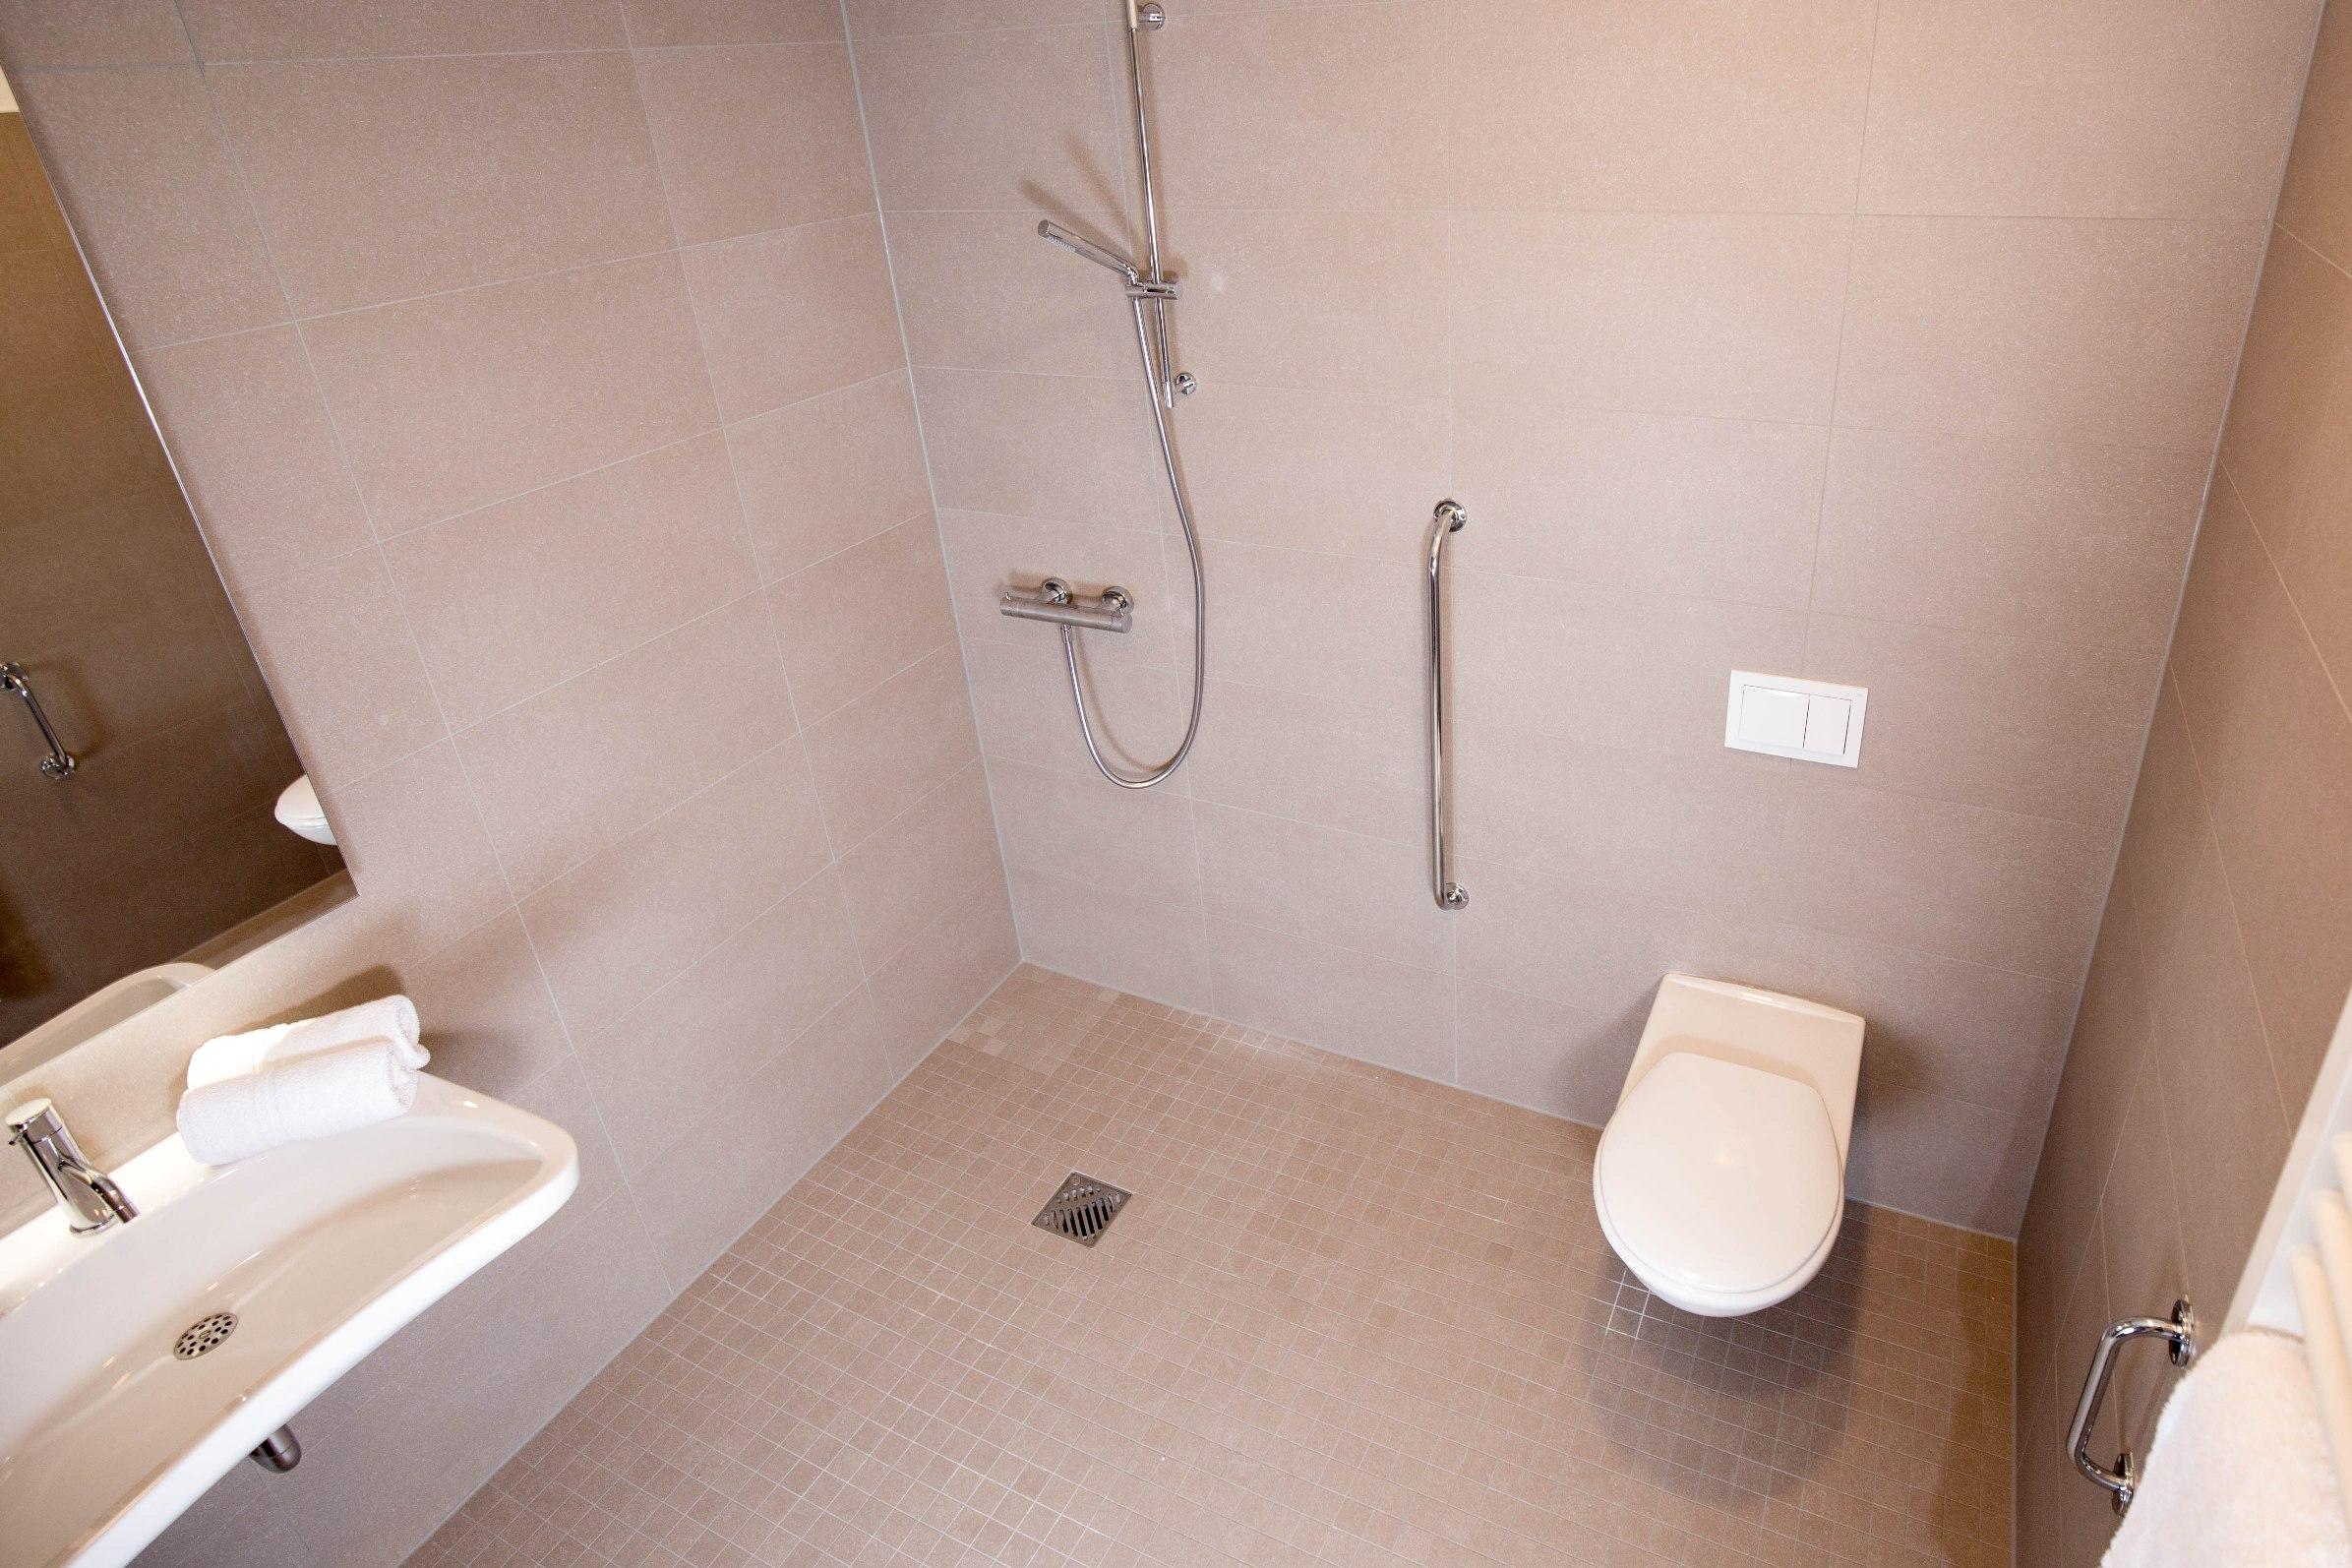 Full Size of Behindertengerechte Dusche Apartments Carat Residenz Badewanne Mit Einbauen Begehbare Sprinz Duschen Wand Glaswand Kaufen Einhebelmischer Hüppe Abfluss Dusche Behindertengerechte Dusche